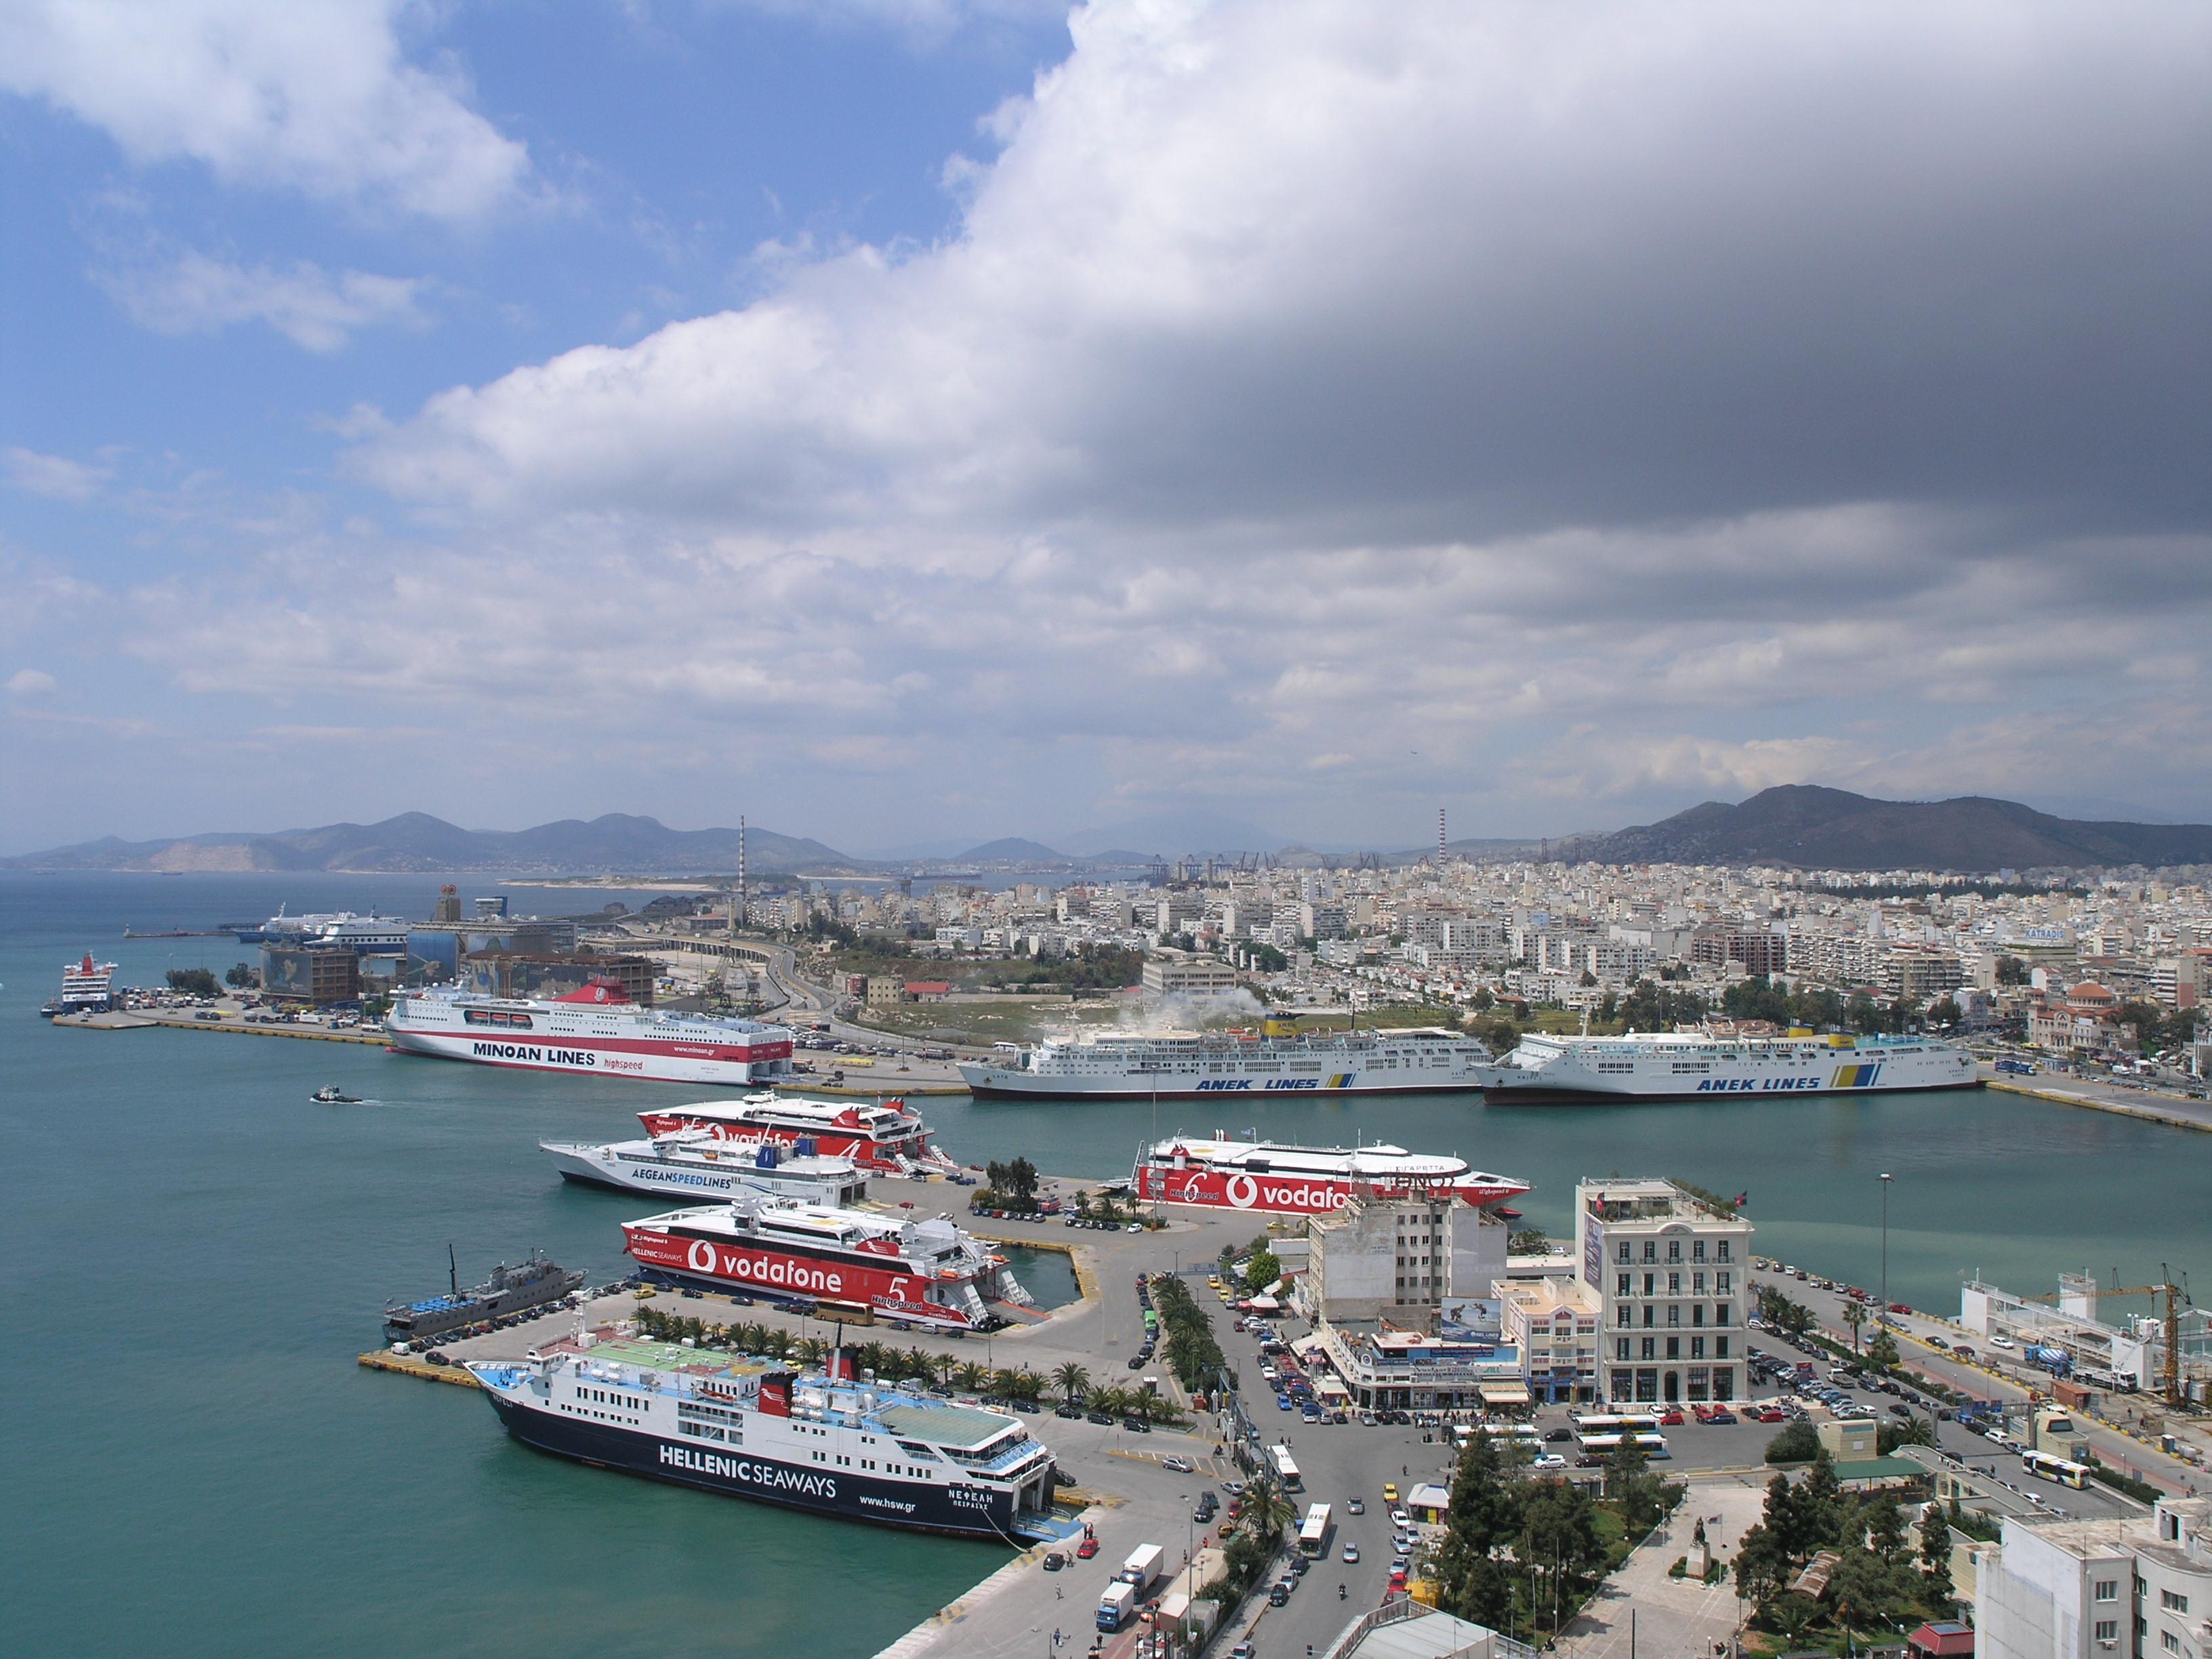 http://upload.wikimedia.org/wikipedia/commons/0/06/Port_of_Piraeus_Panoramic_View.JPG